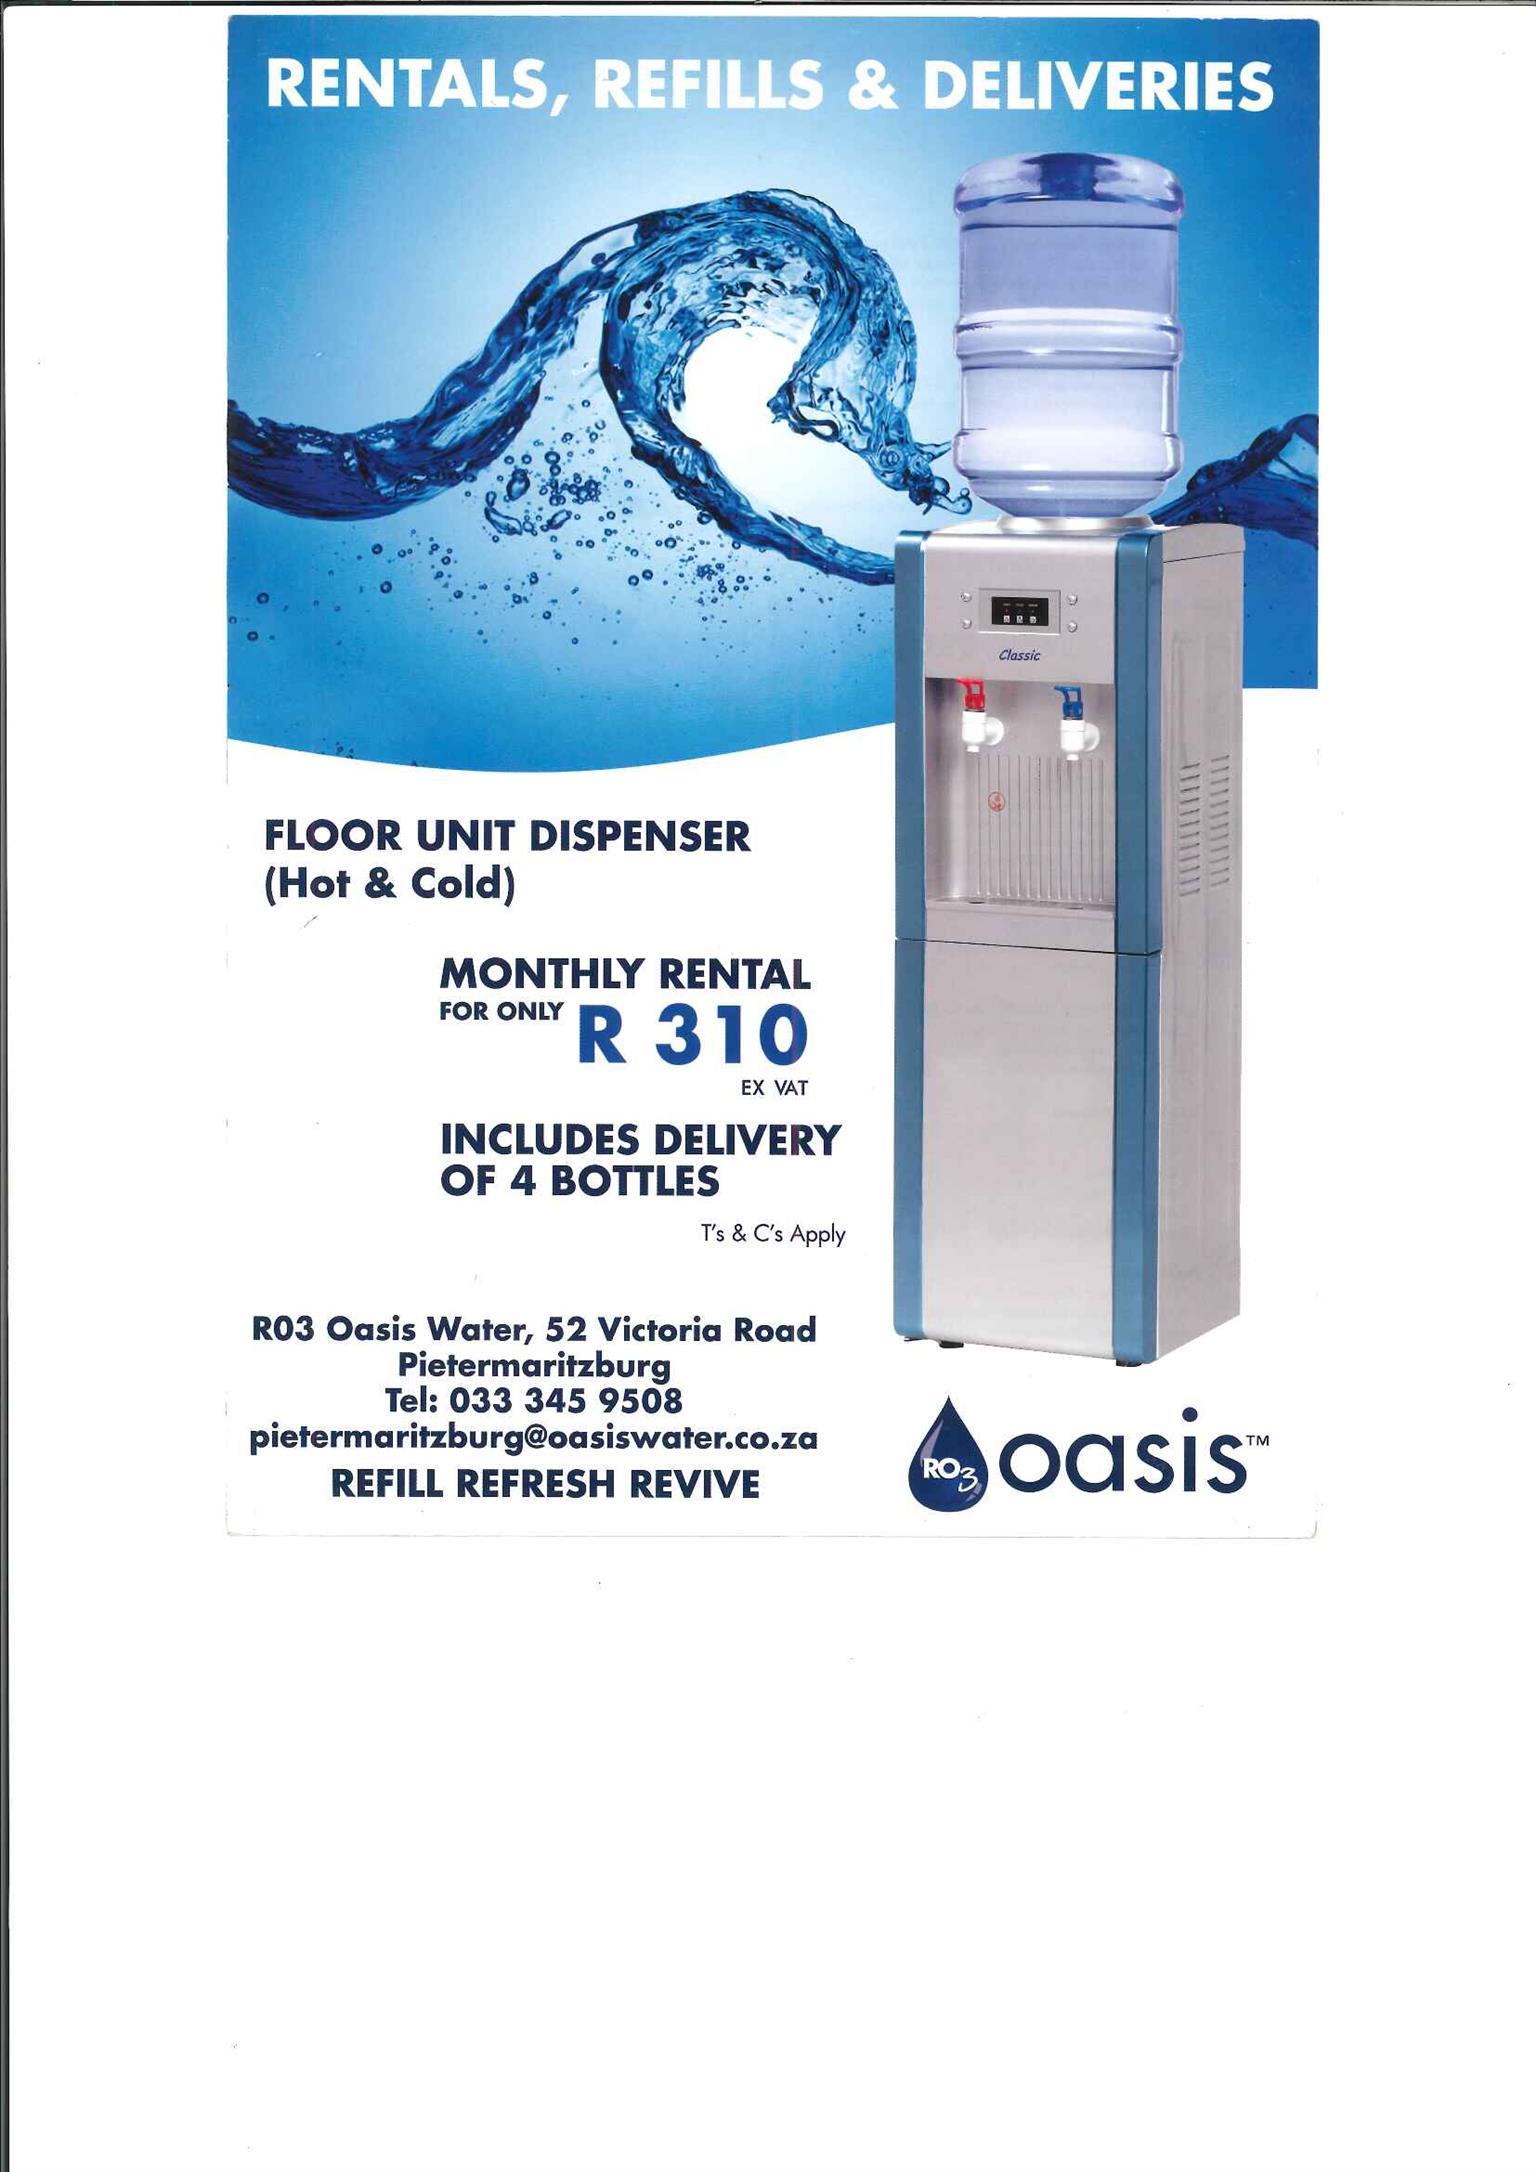 Oasis Water Pietermaritzburg, Cold and Hot Water Floor Unit Dispenser